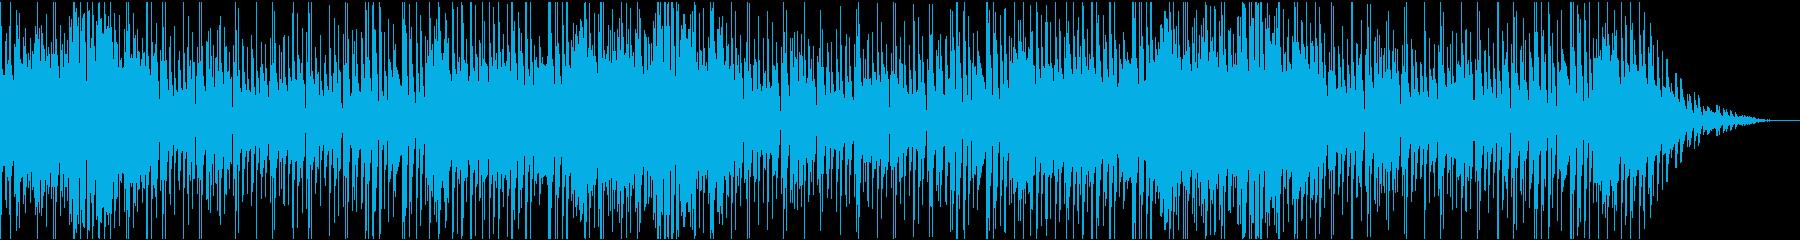 哀愁と色気溢れるコミカルなド演歌カラオケの再生済みの波形